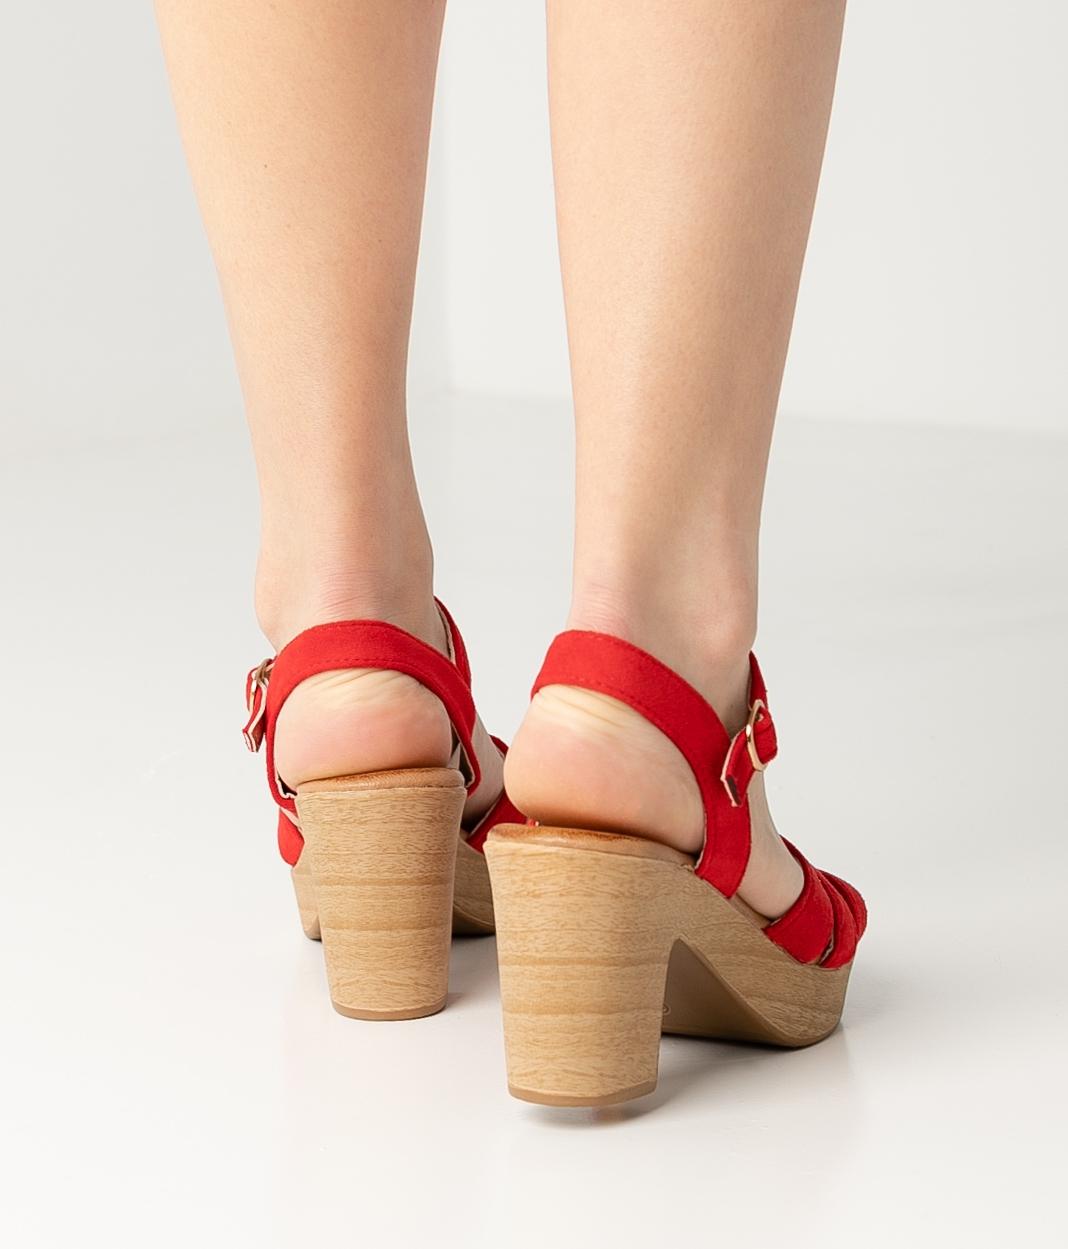 Sandália de Salto Polka - Vermelho